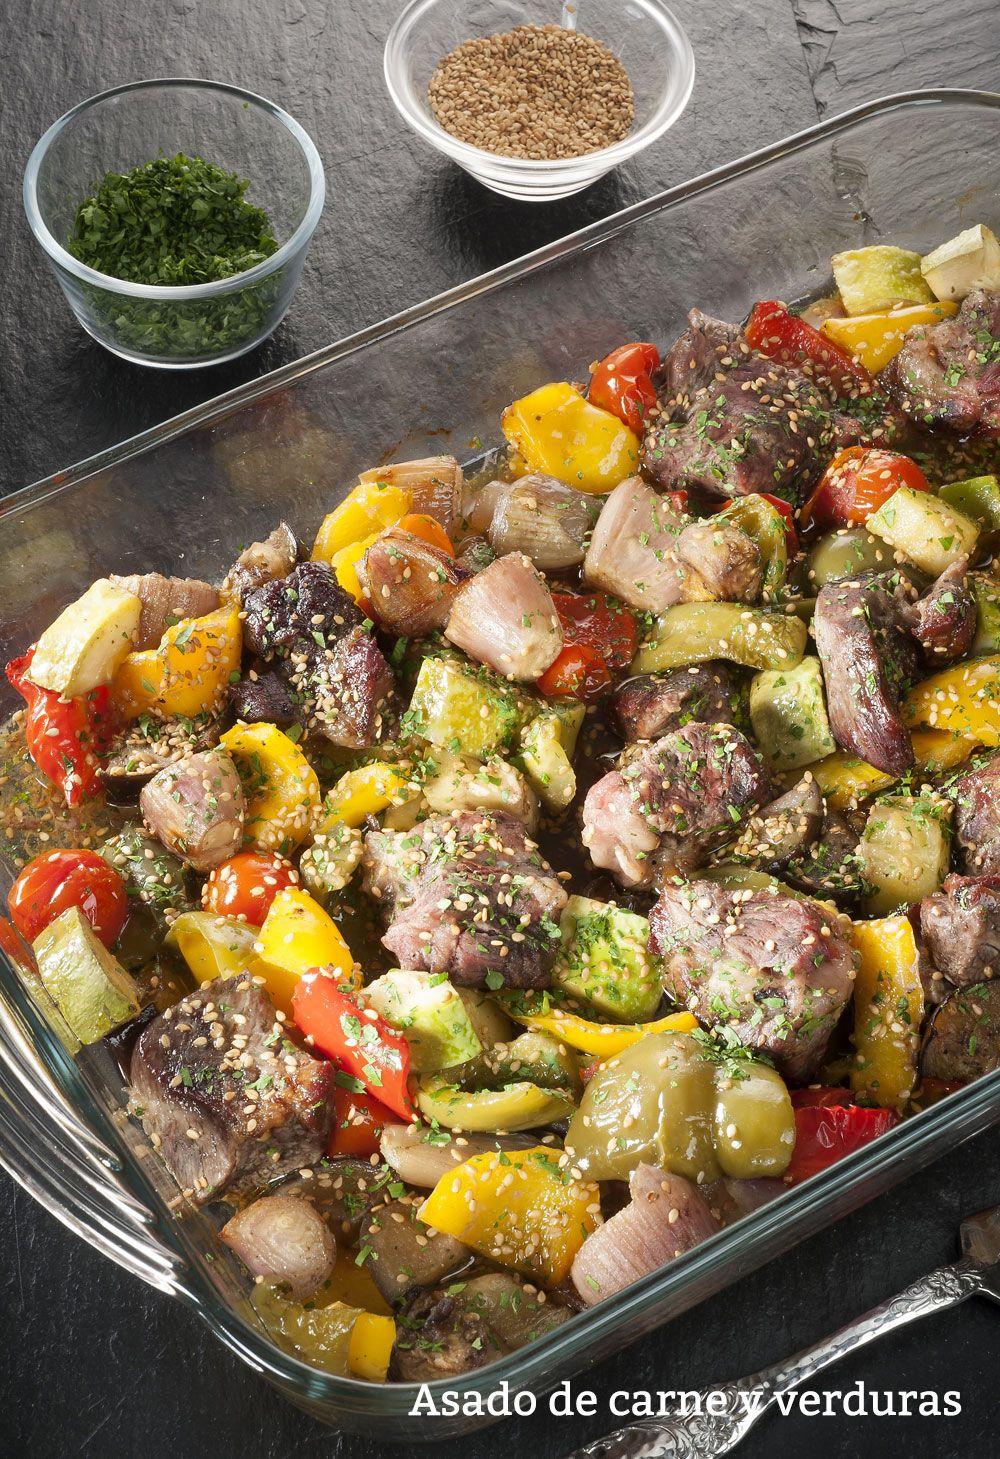 Asado de carne y verduras